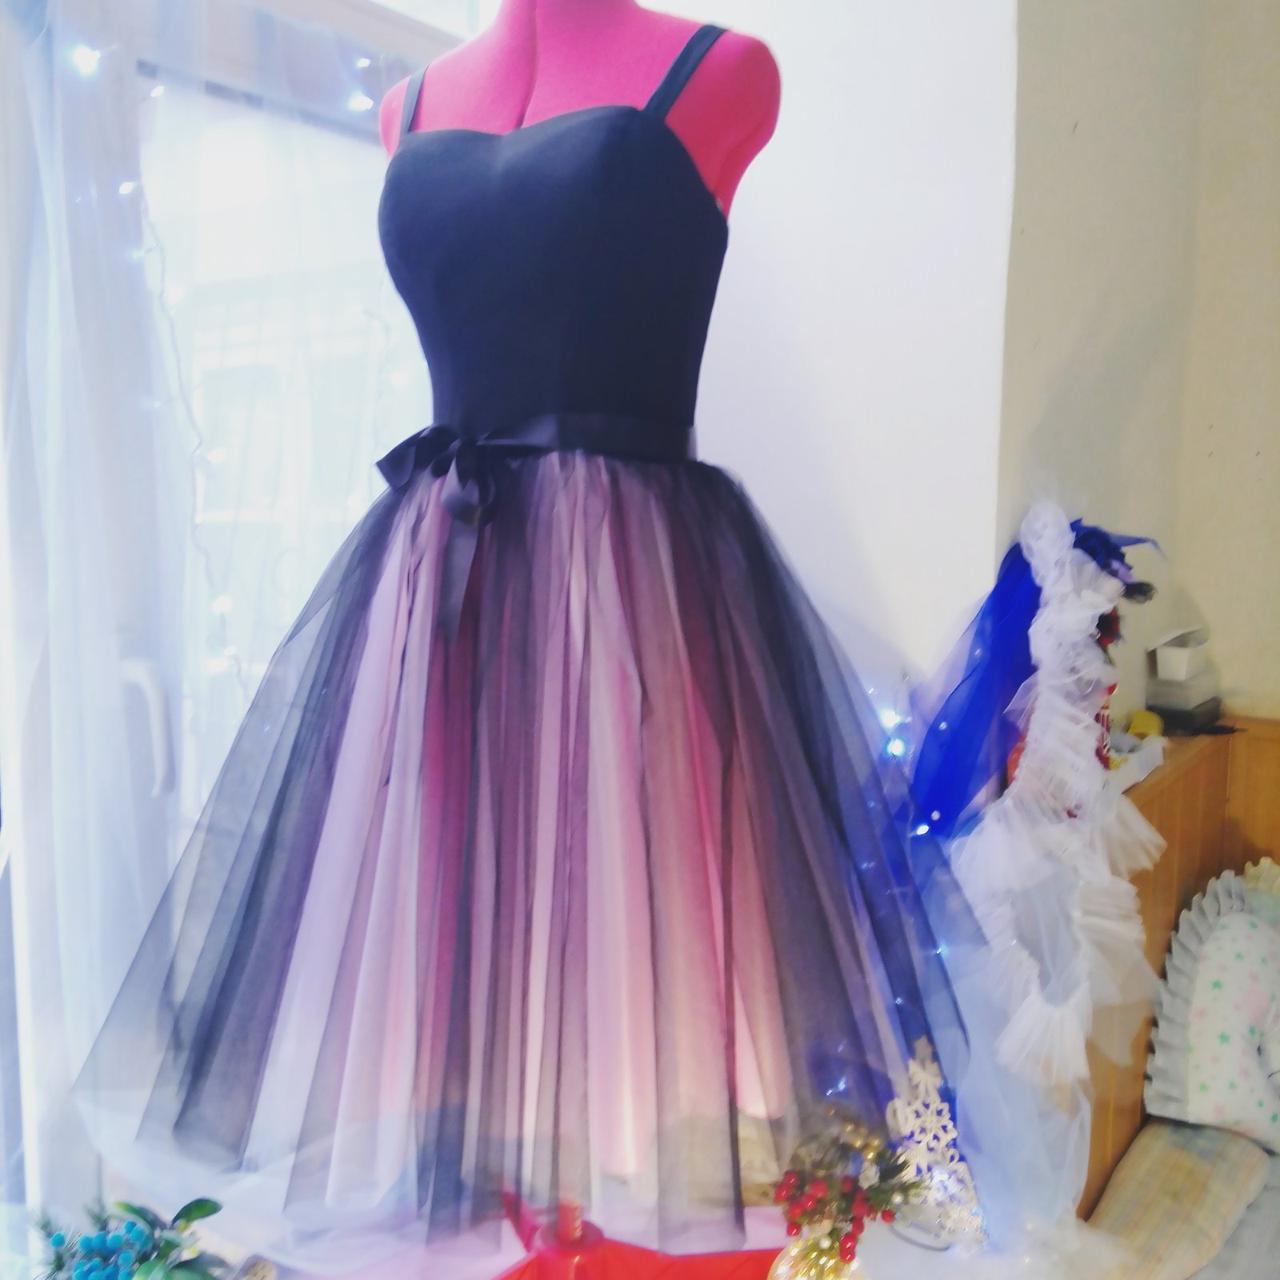 Выпускное платье амбре. Любой размер. Онлайн ателье. Сидит идеально на фигуре.